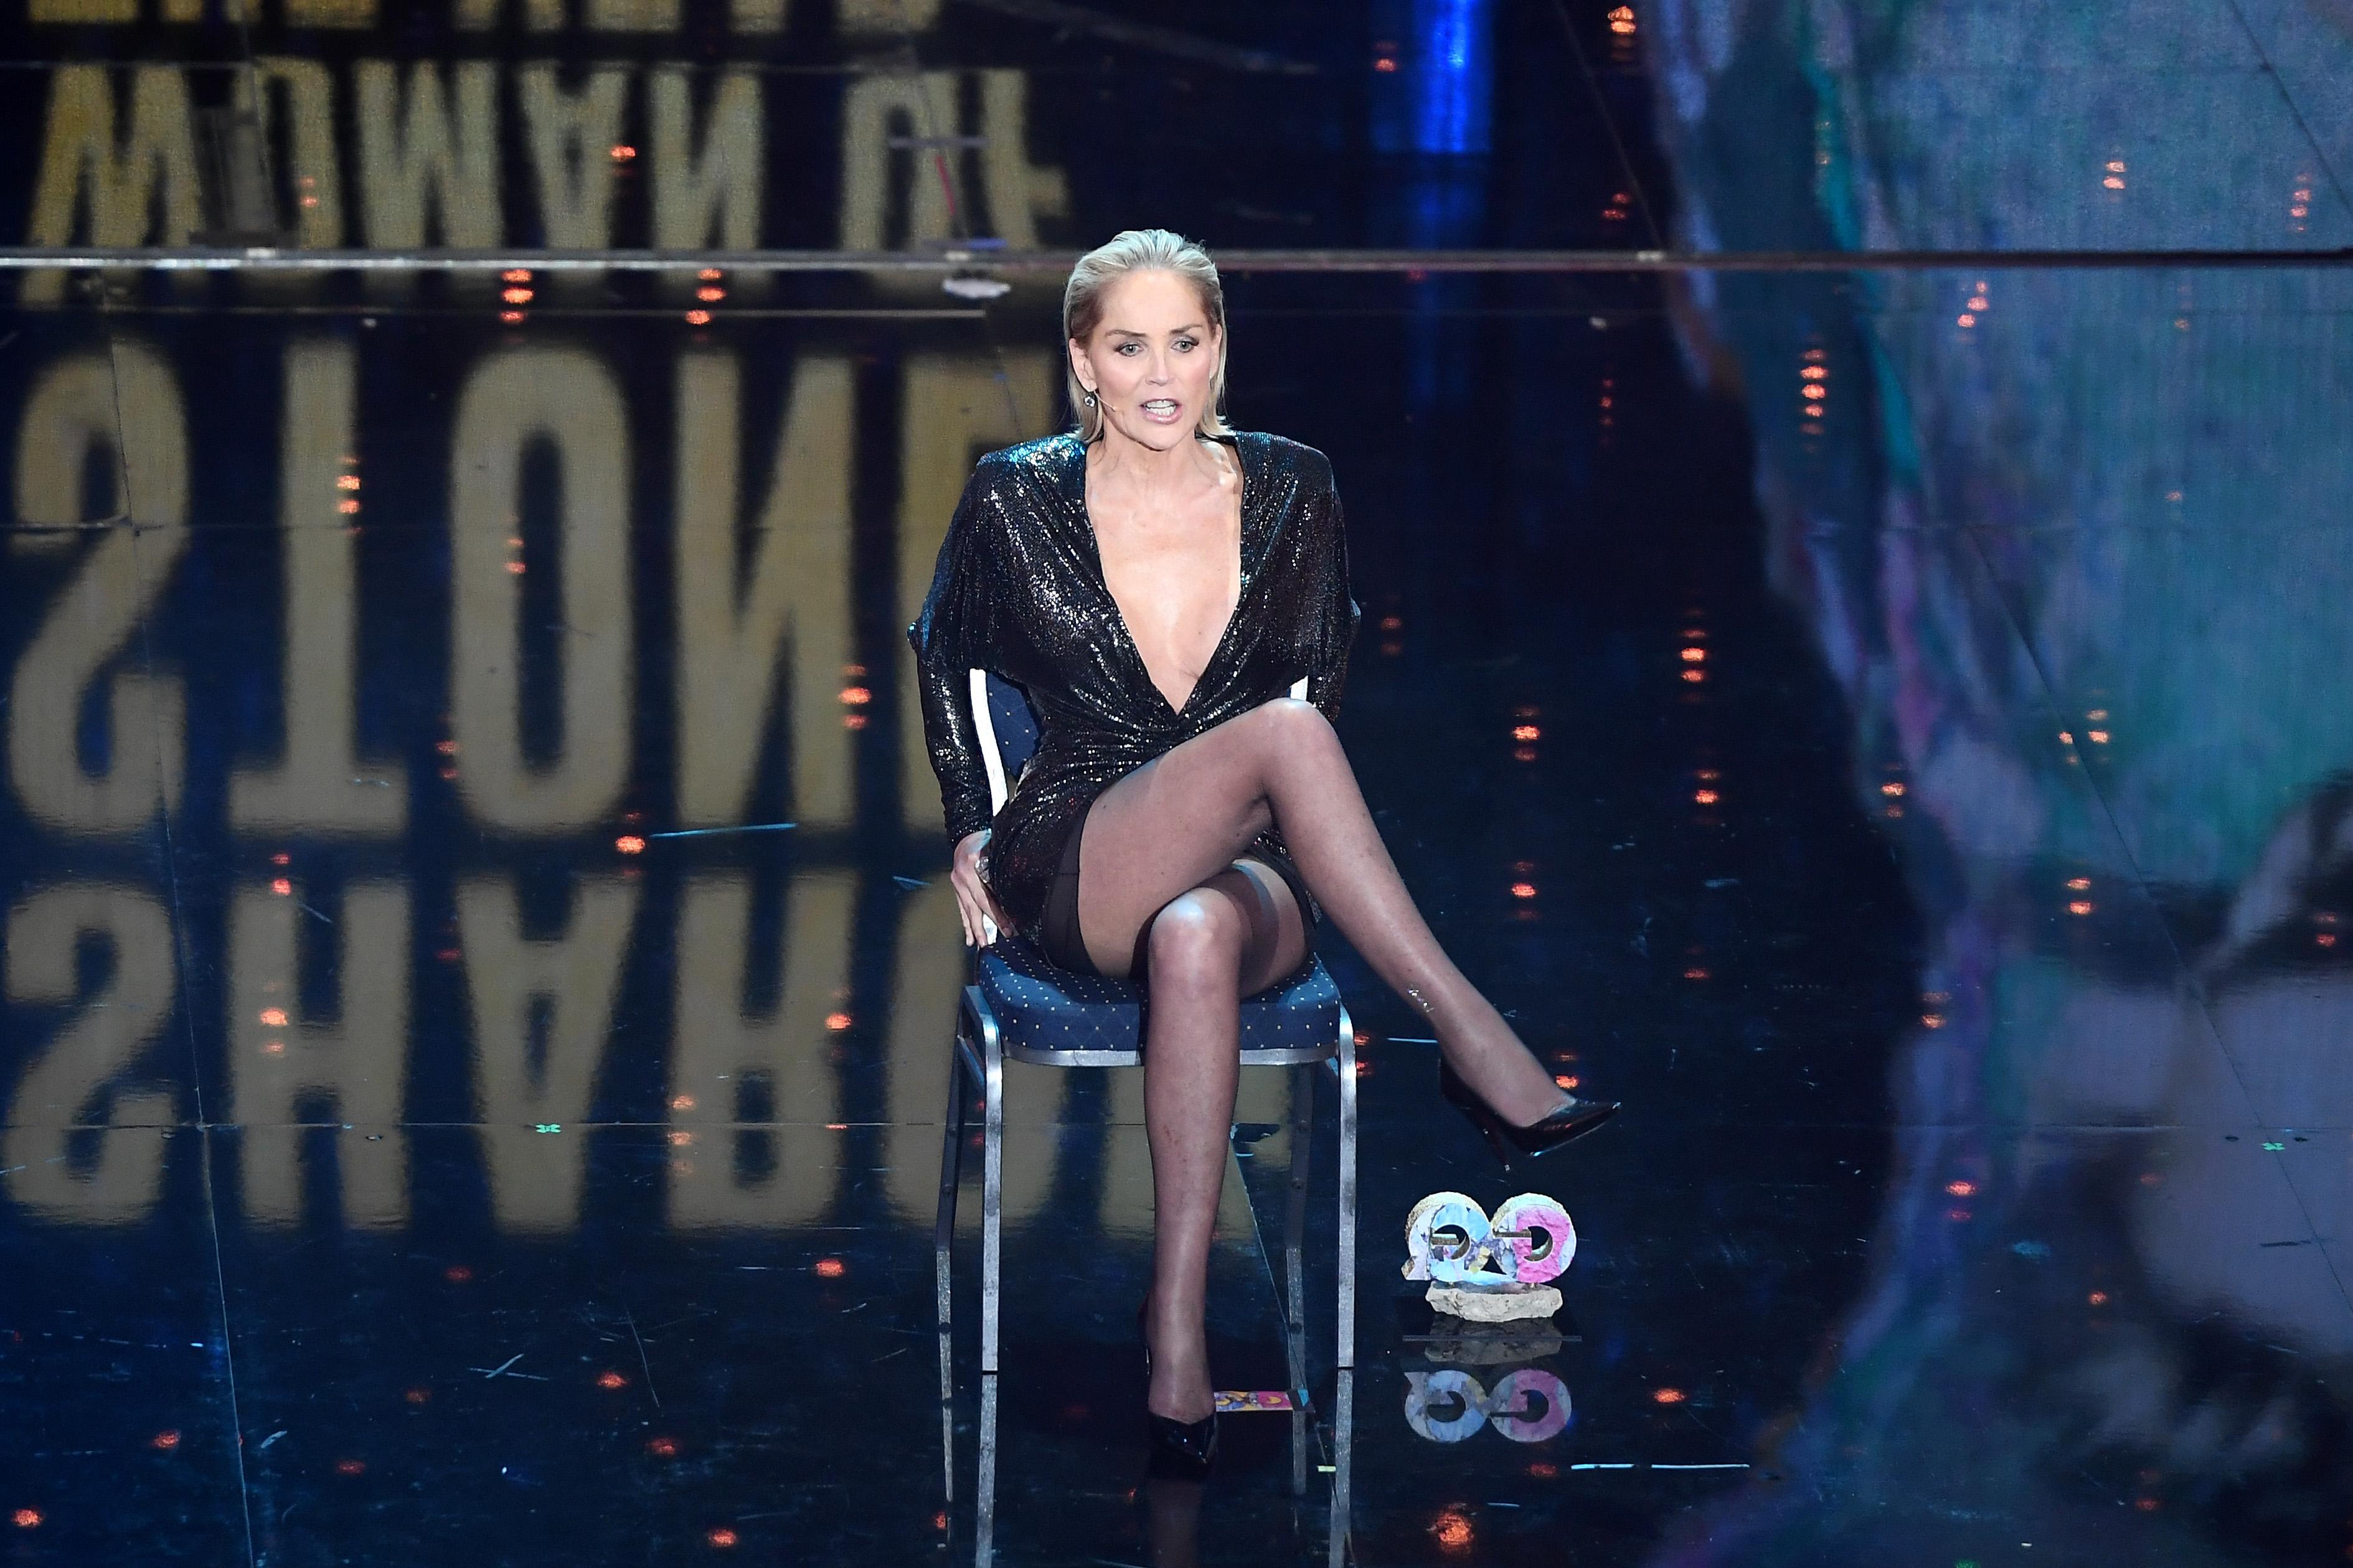 <p>61-годишната актриса изглеждаше, както винаги,&nbsp;зашеметяващо. Тя бе избрала&nbsp;къса рокля с дълбоко&nbsp;деколте. След като получи наградата си, Стоун реши да&nbsp;произнесе&nbsp;речта си седнала на стол, но с дребен, но забележителен елемент - пресъздавайки отново&nbsp;култовото си движение от преди 27 години.</p>